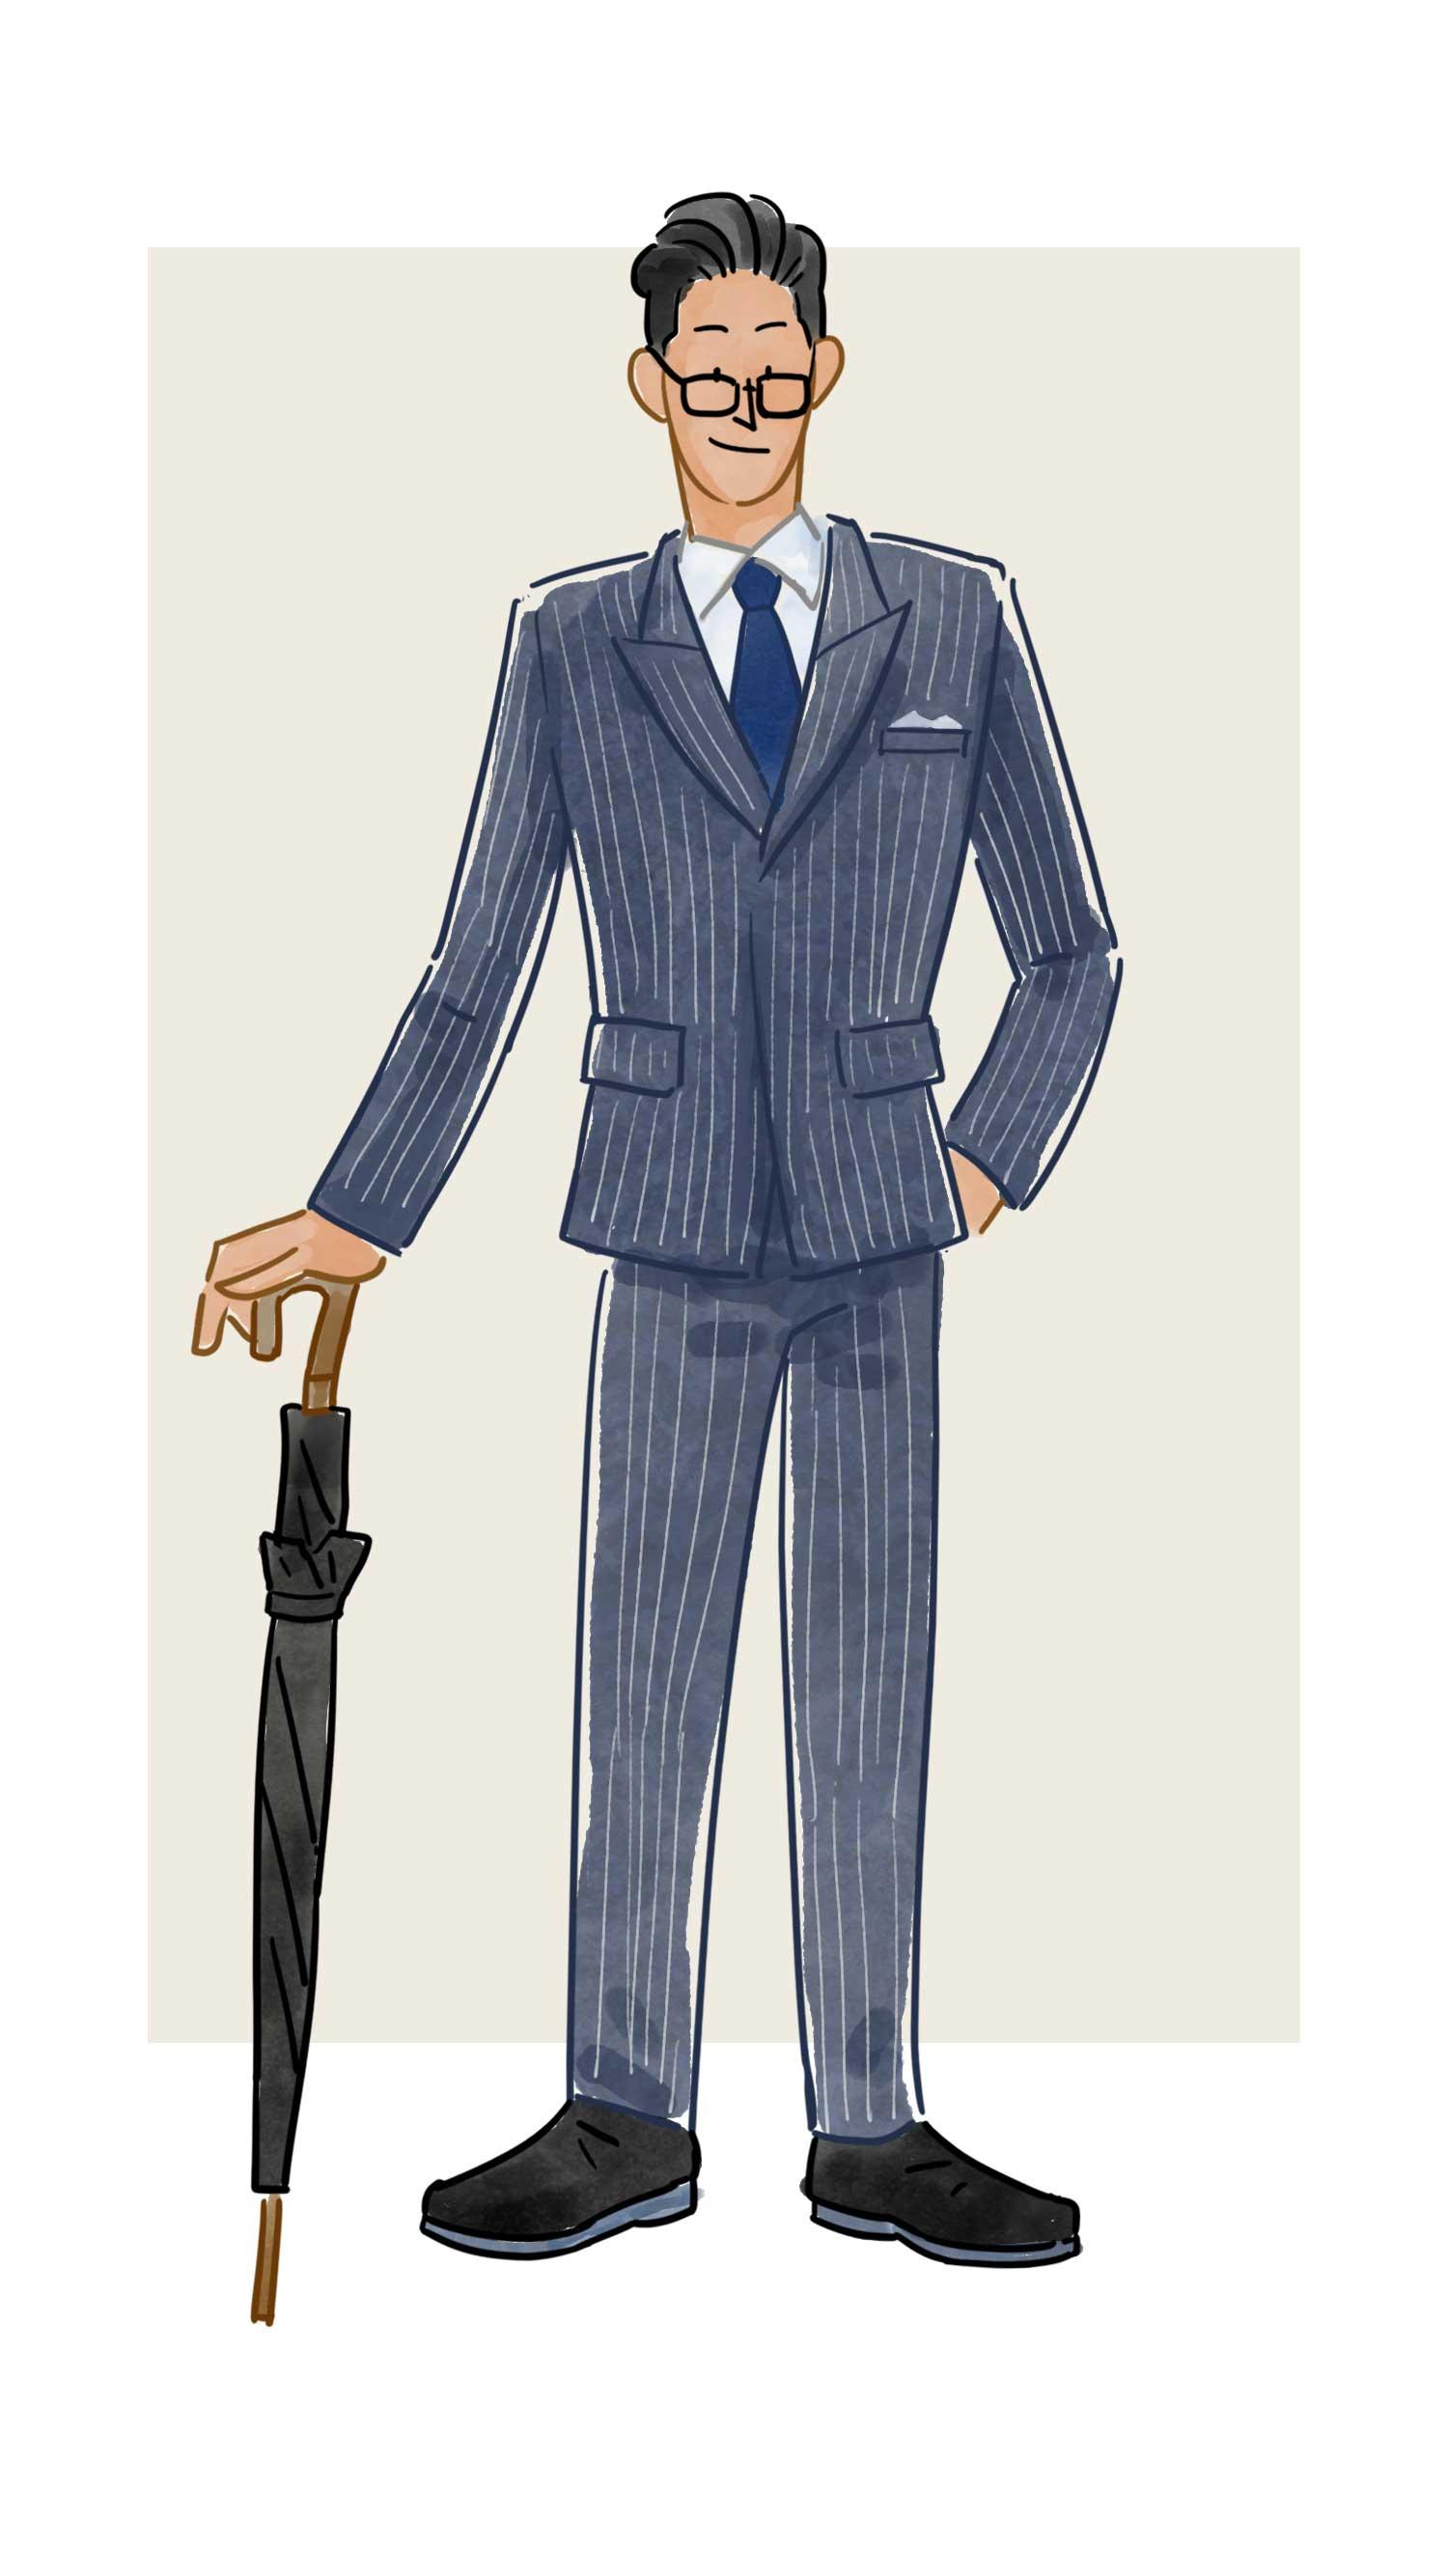 每日穿搭|《kingsman》不只是电影,还是精英穿搭指南